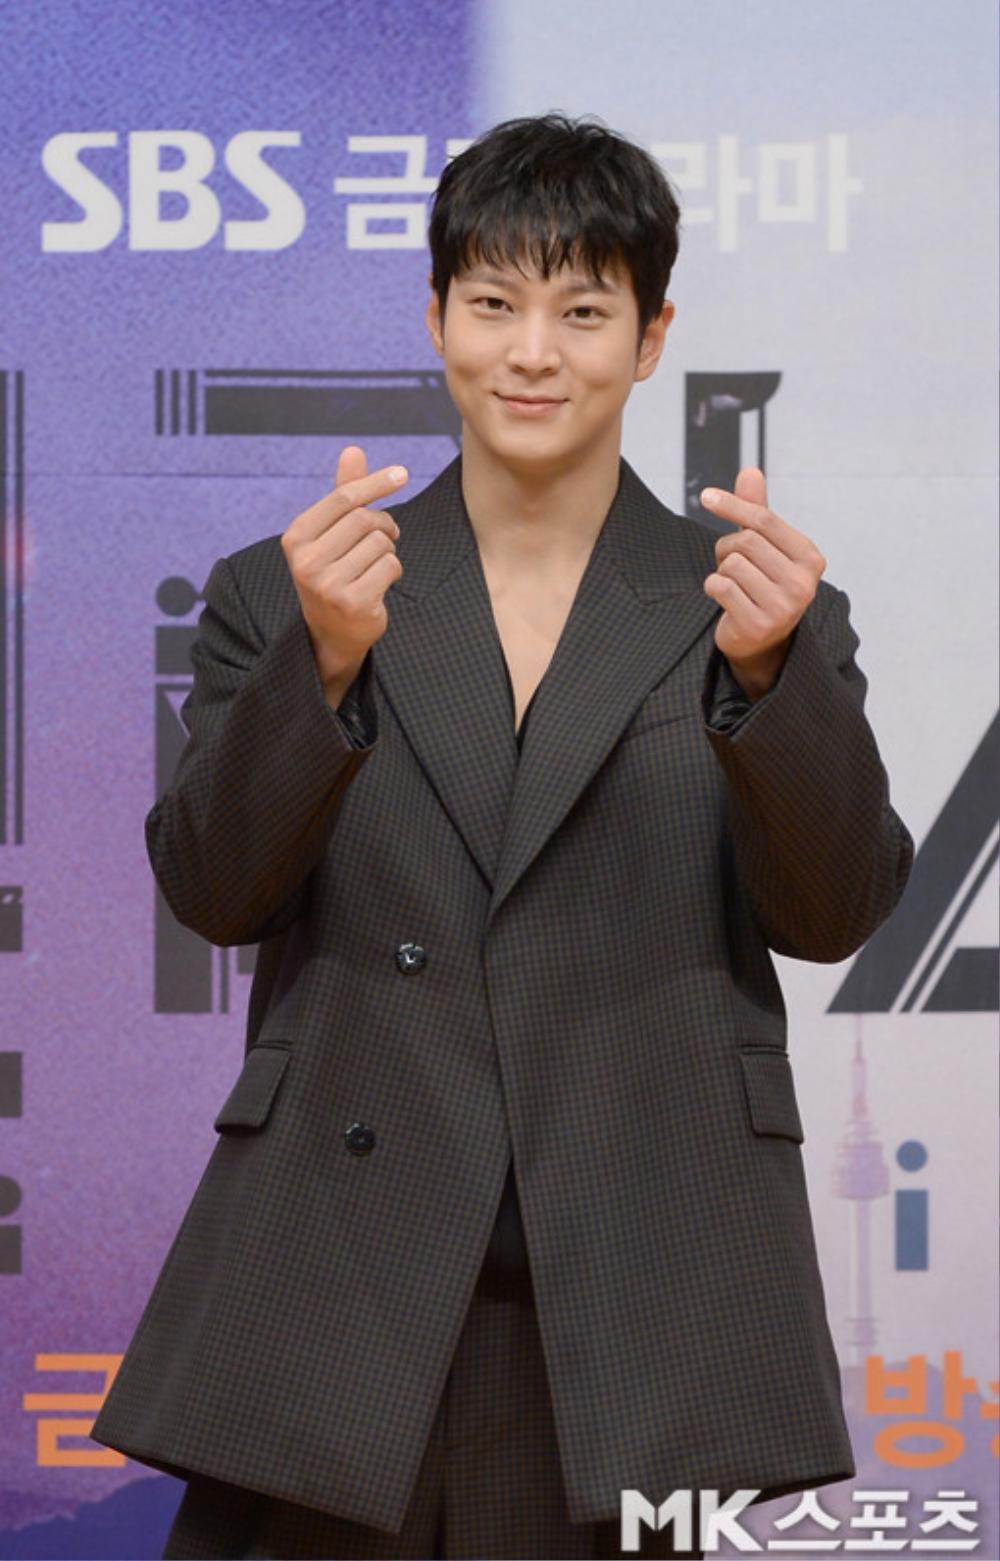 Họp báo phim mùa Covid-19, Kim Hee Sun hài hước 'tám chuyện' với Joo Won qua lăng kính nhiệm màu Ảnh 12